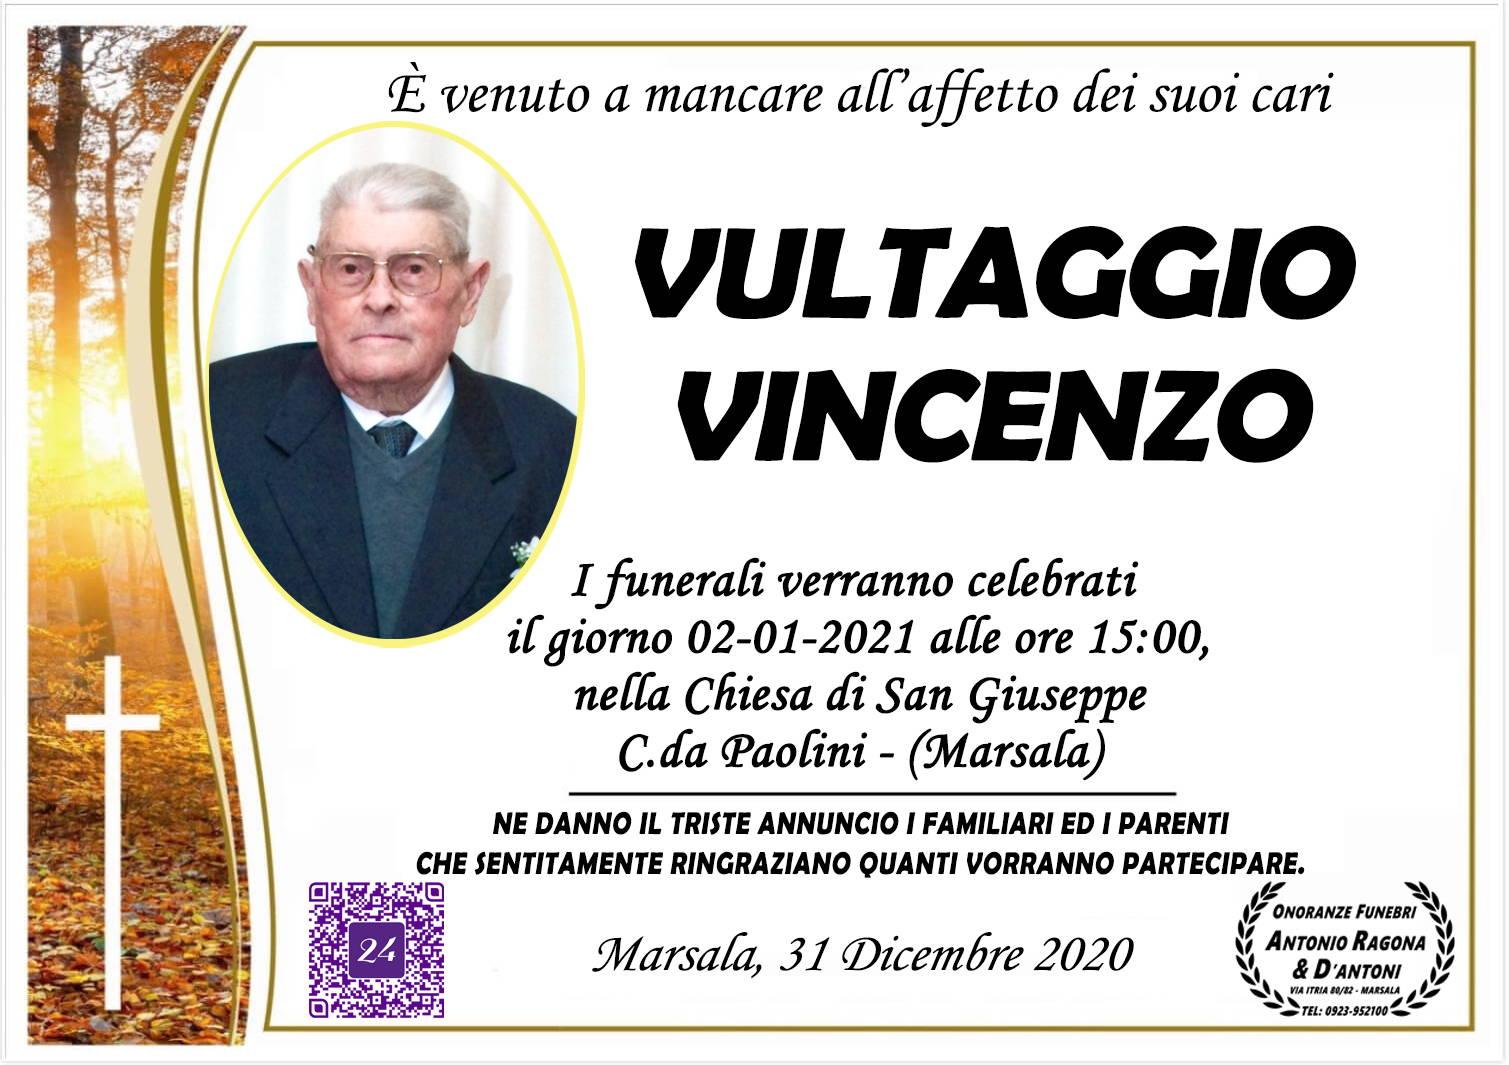 Vincenzo Vultaggio